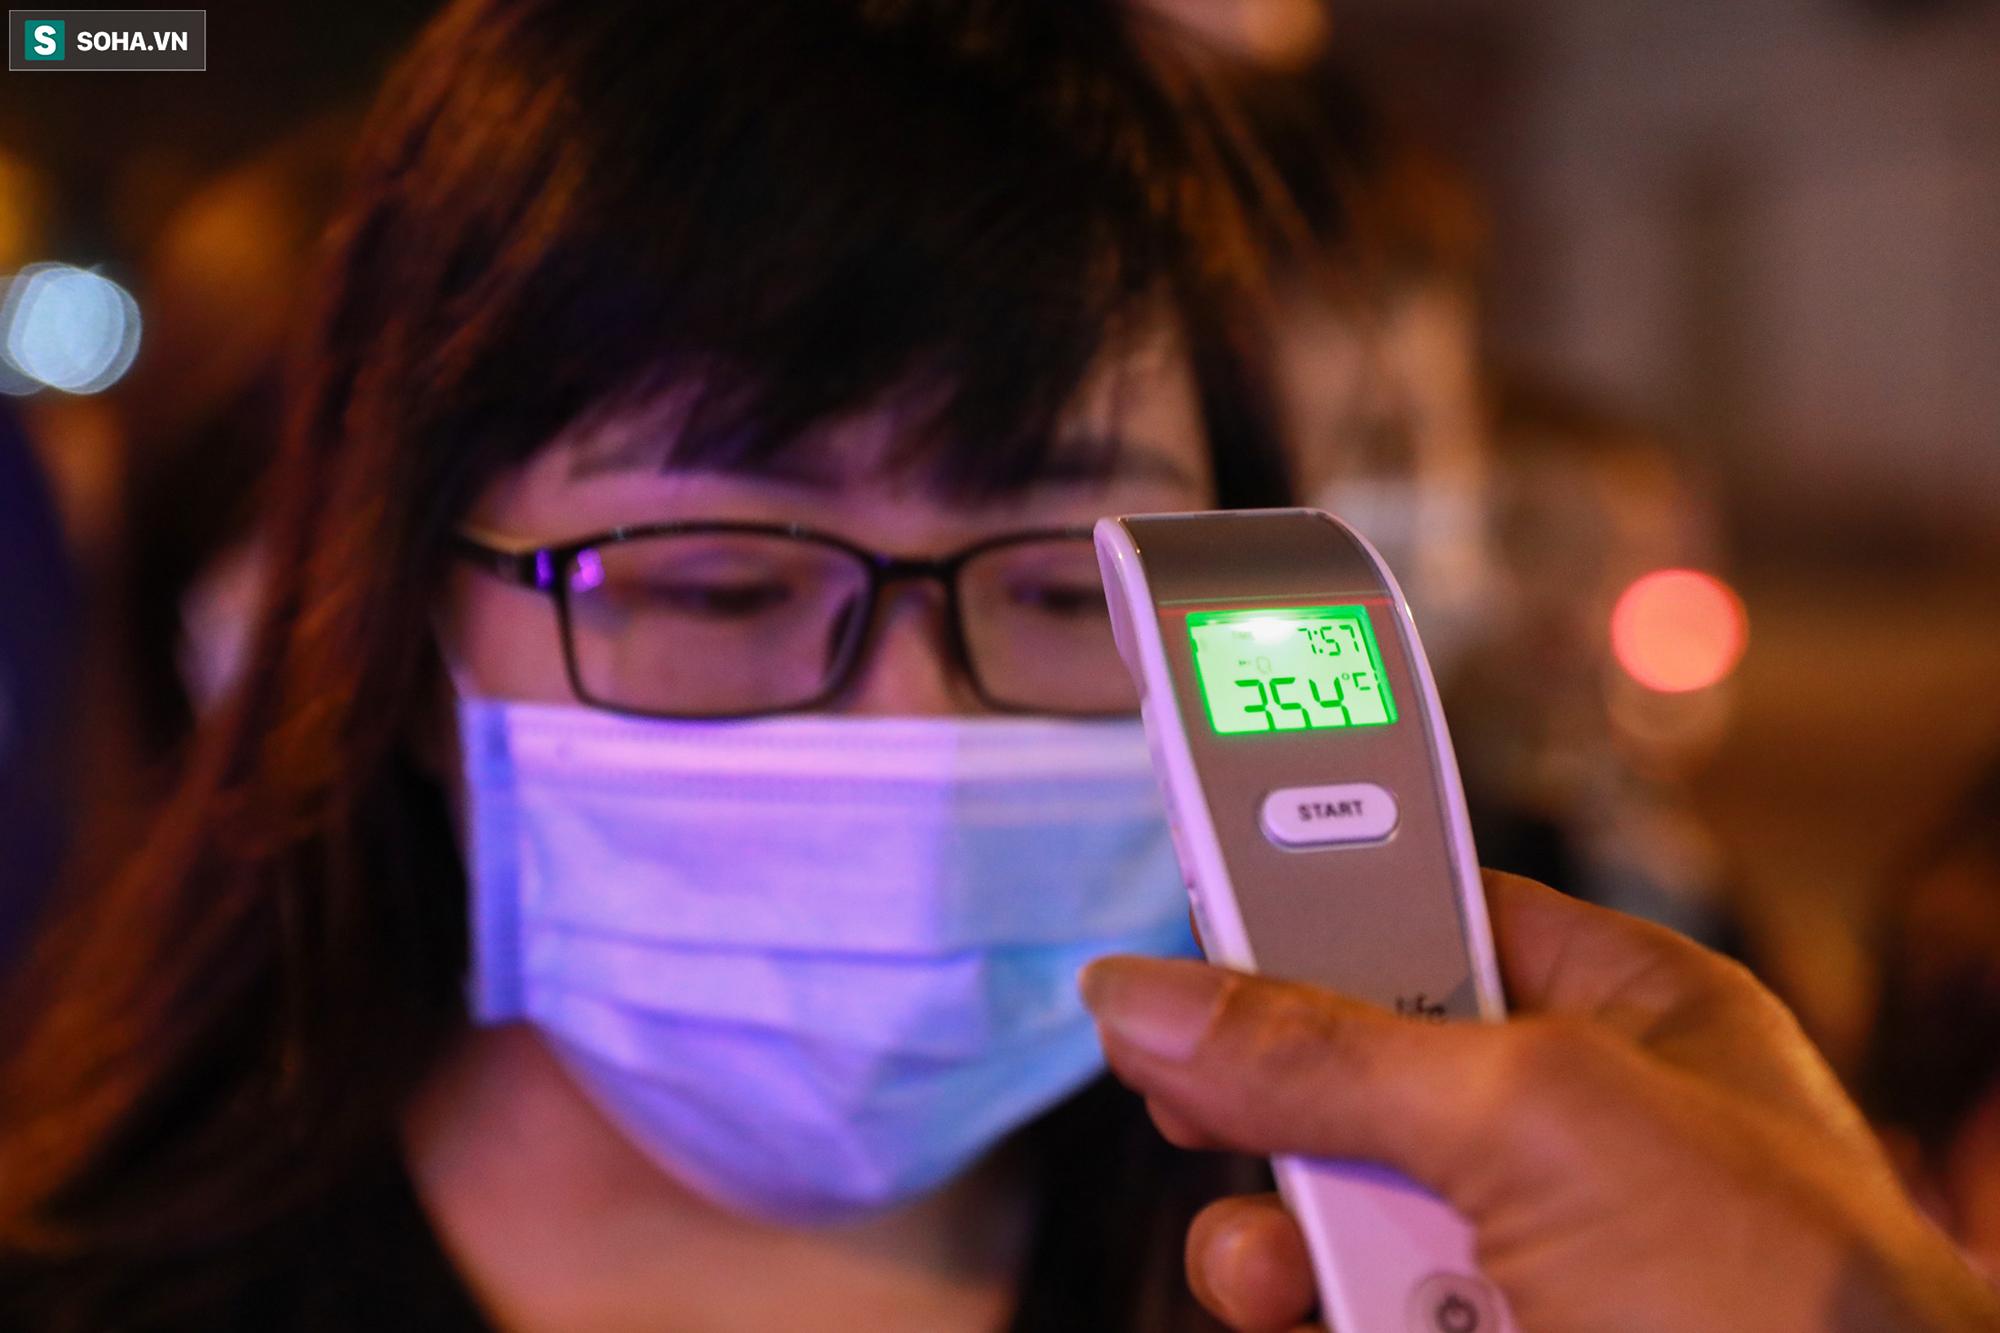 [Ảnh] Giởi trẻ xếp hàng chờ dài đo thân nhiệt để vào check-in khu phố đi bộ mới mở tại TP.HCM - Ảnh 5.